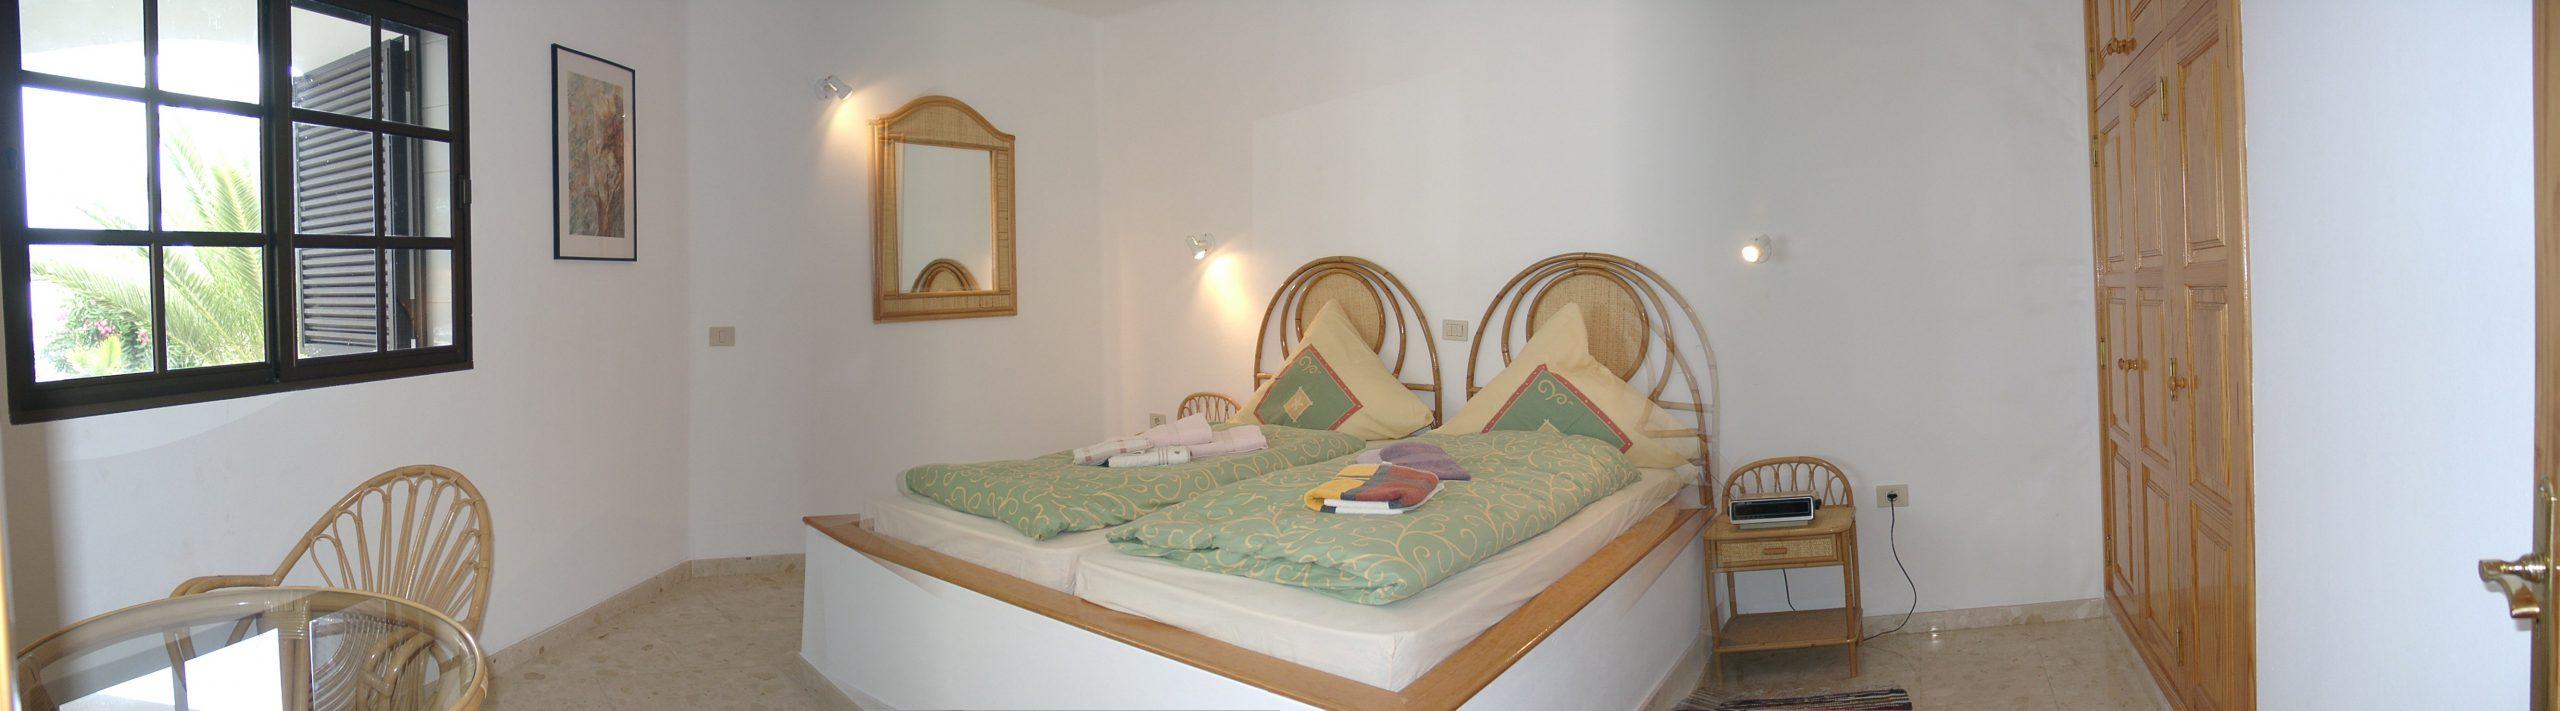 Casa Ronda 1 – Schlafzimmer im EG #1